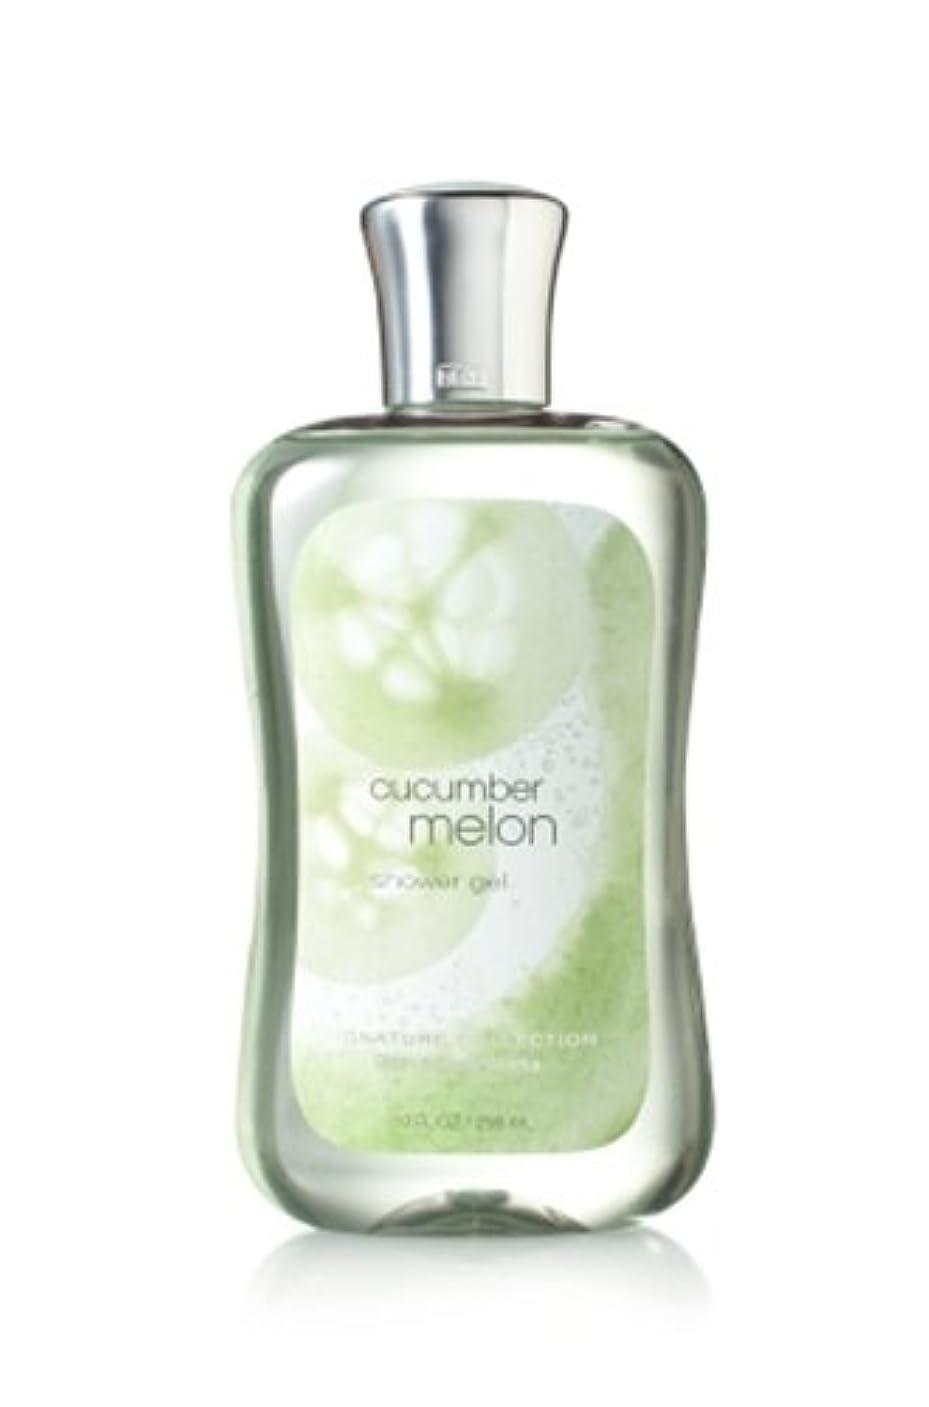 人工自動化ヘルシーバス&ボディワークス キューカンバーメロン シャワージェル Cucumber Melon shower gel [並行輸入品]